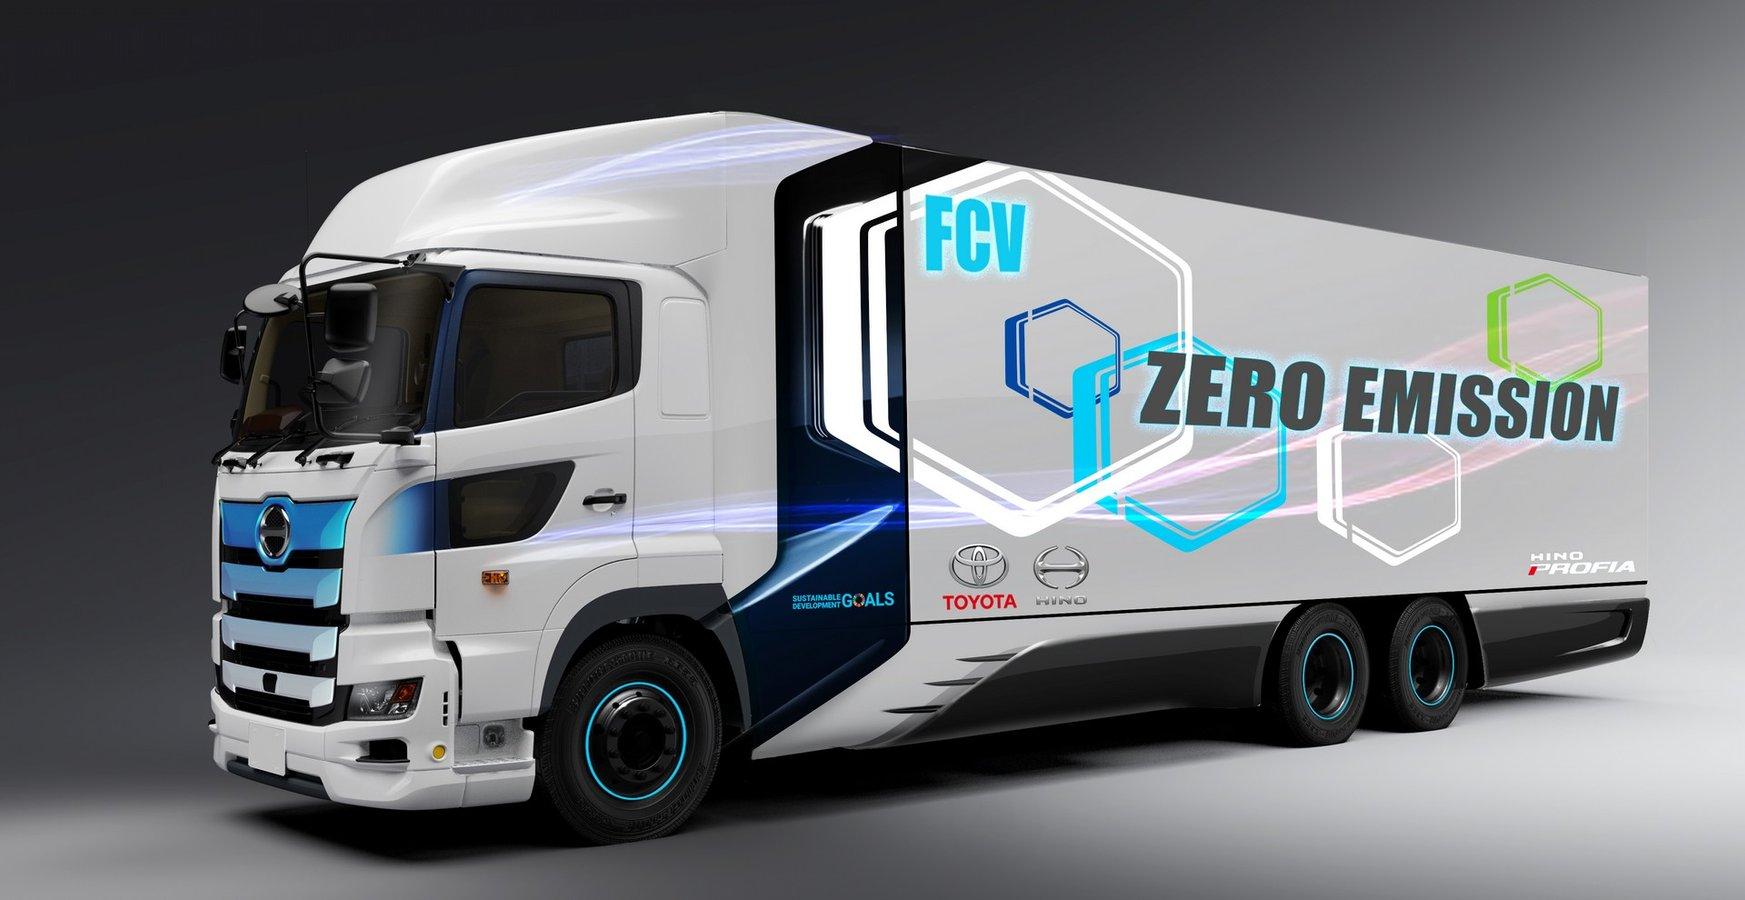 Toyota та Hino Motors анонсували важку вантажівку на водневих елементах і з технологіями від легкової моделі Mirai (фото)